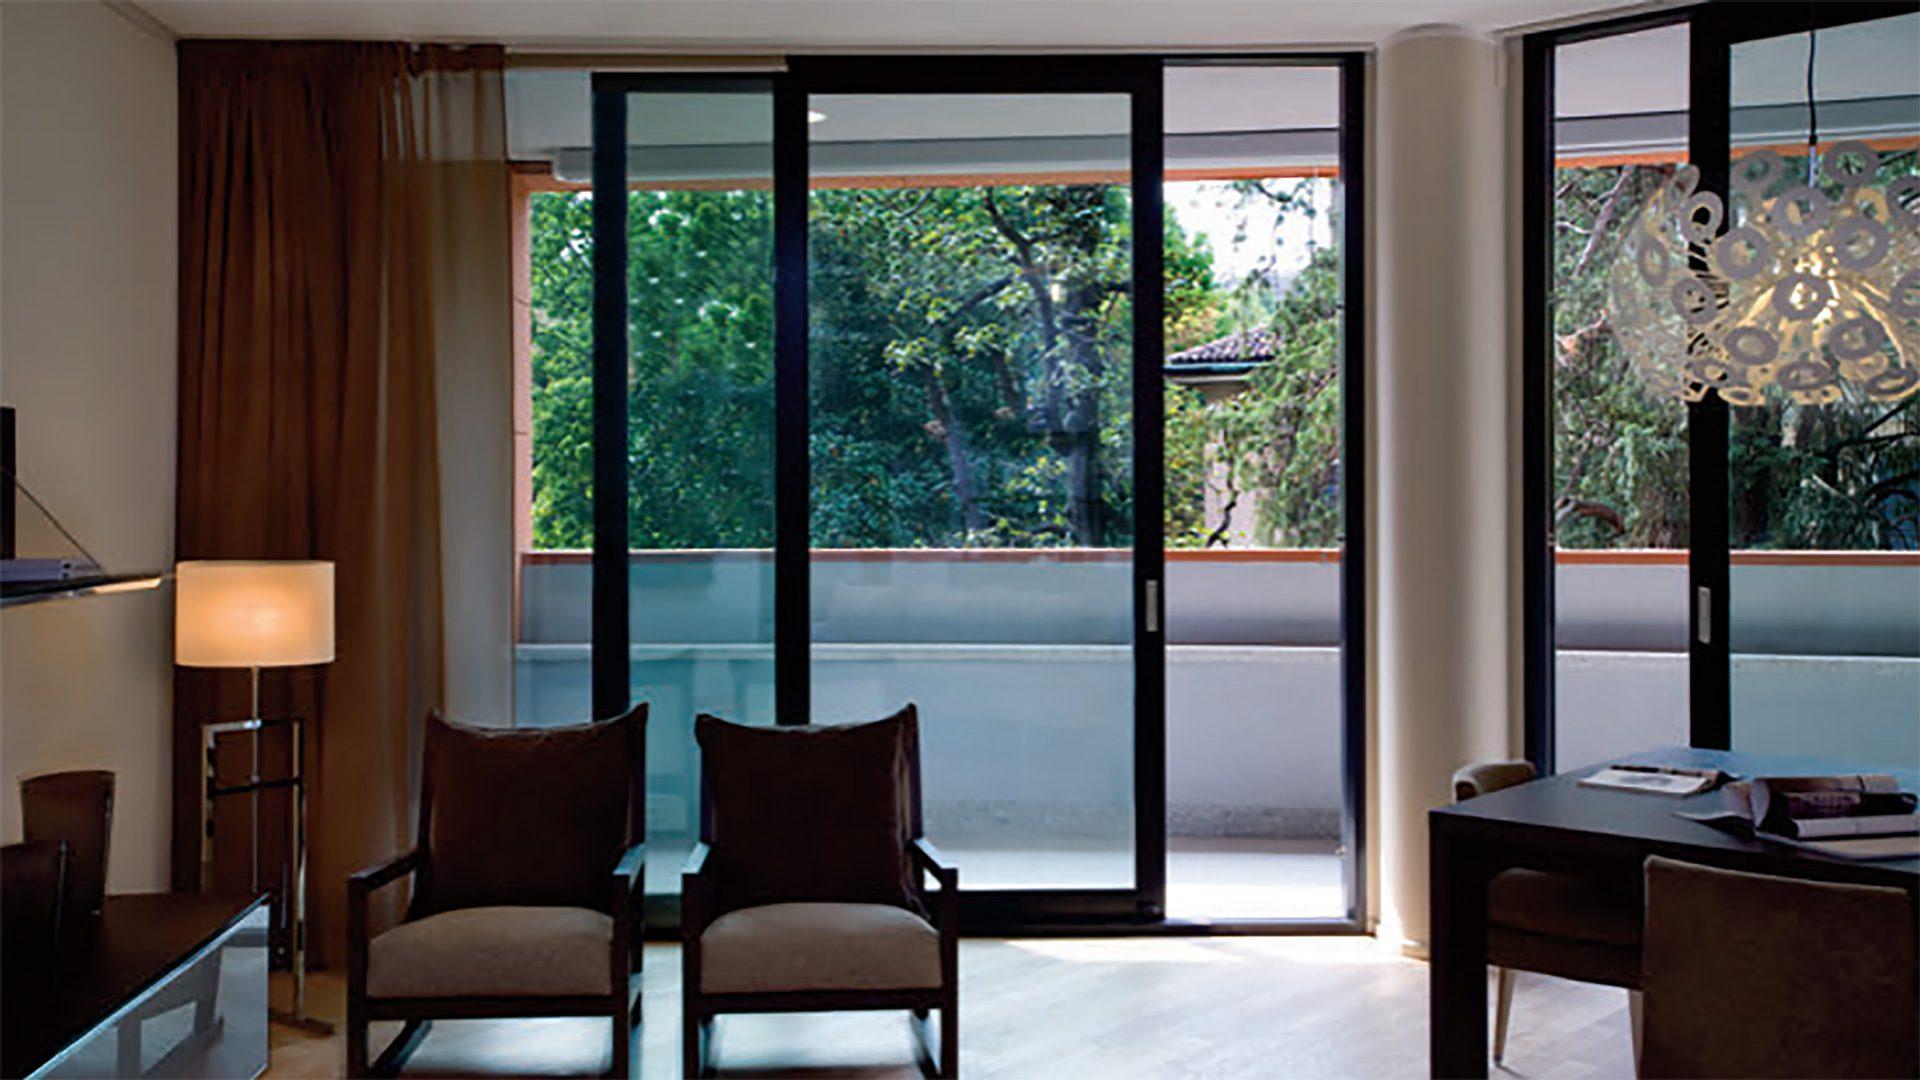 Come scegliere porte scorrevoli adatte per la nostra casa